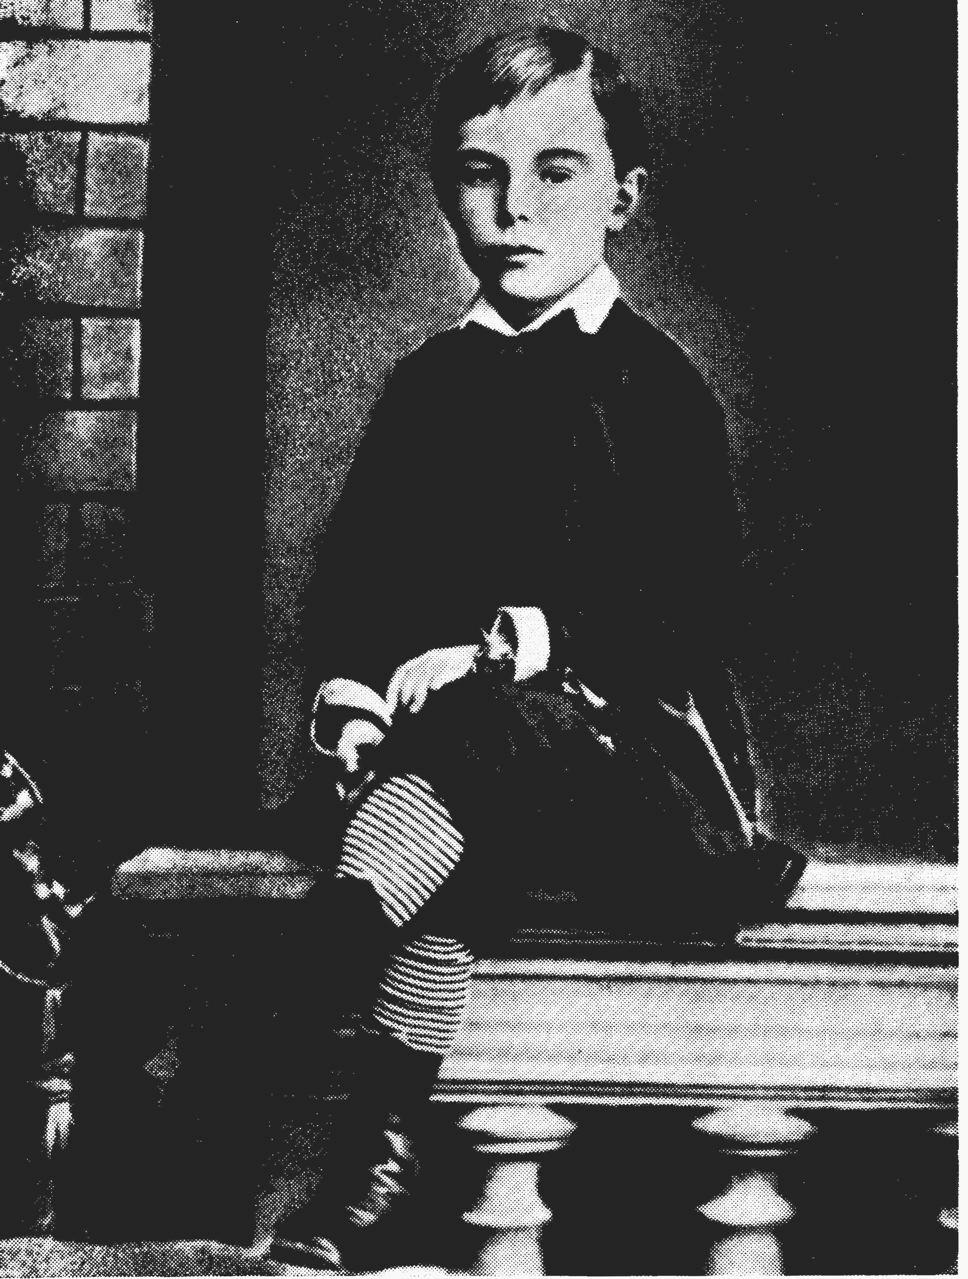 Scriabin in 1879